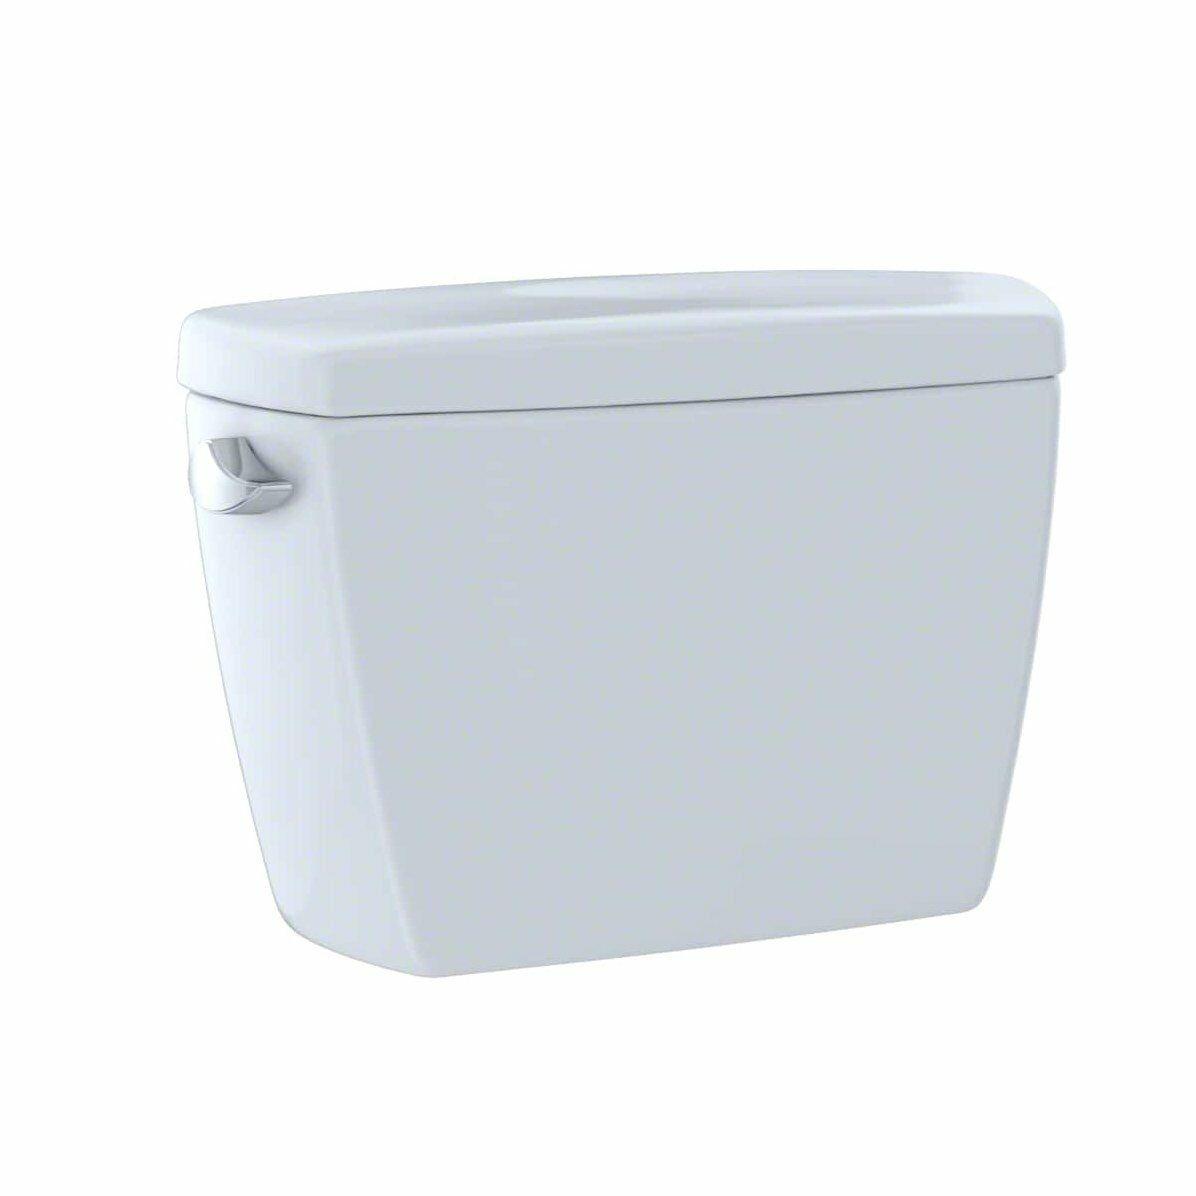 TOTO Drake Toilet Tank White 1.6 GPF ST743S